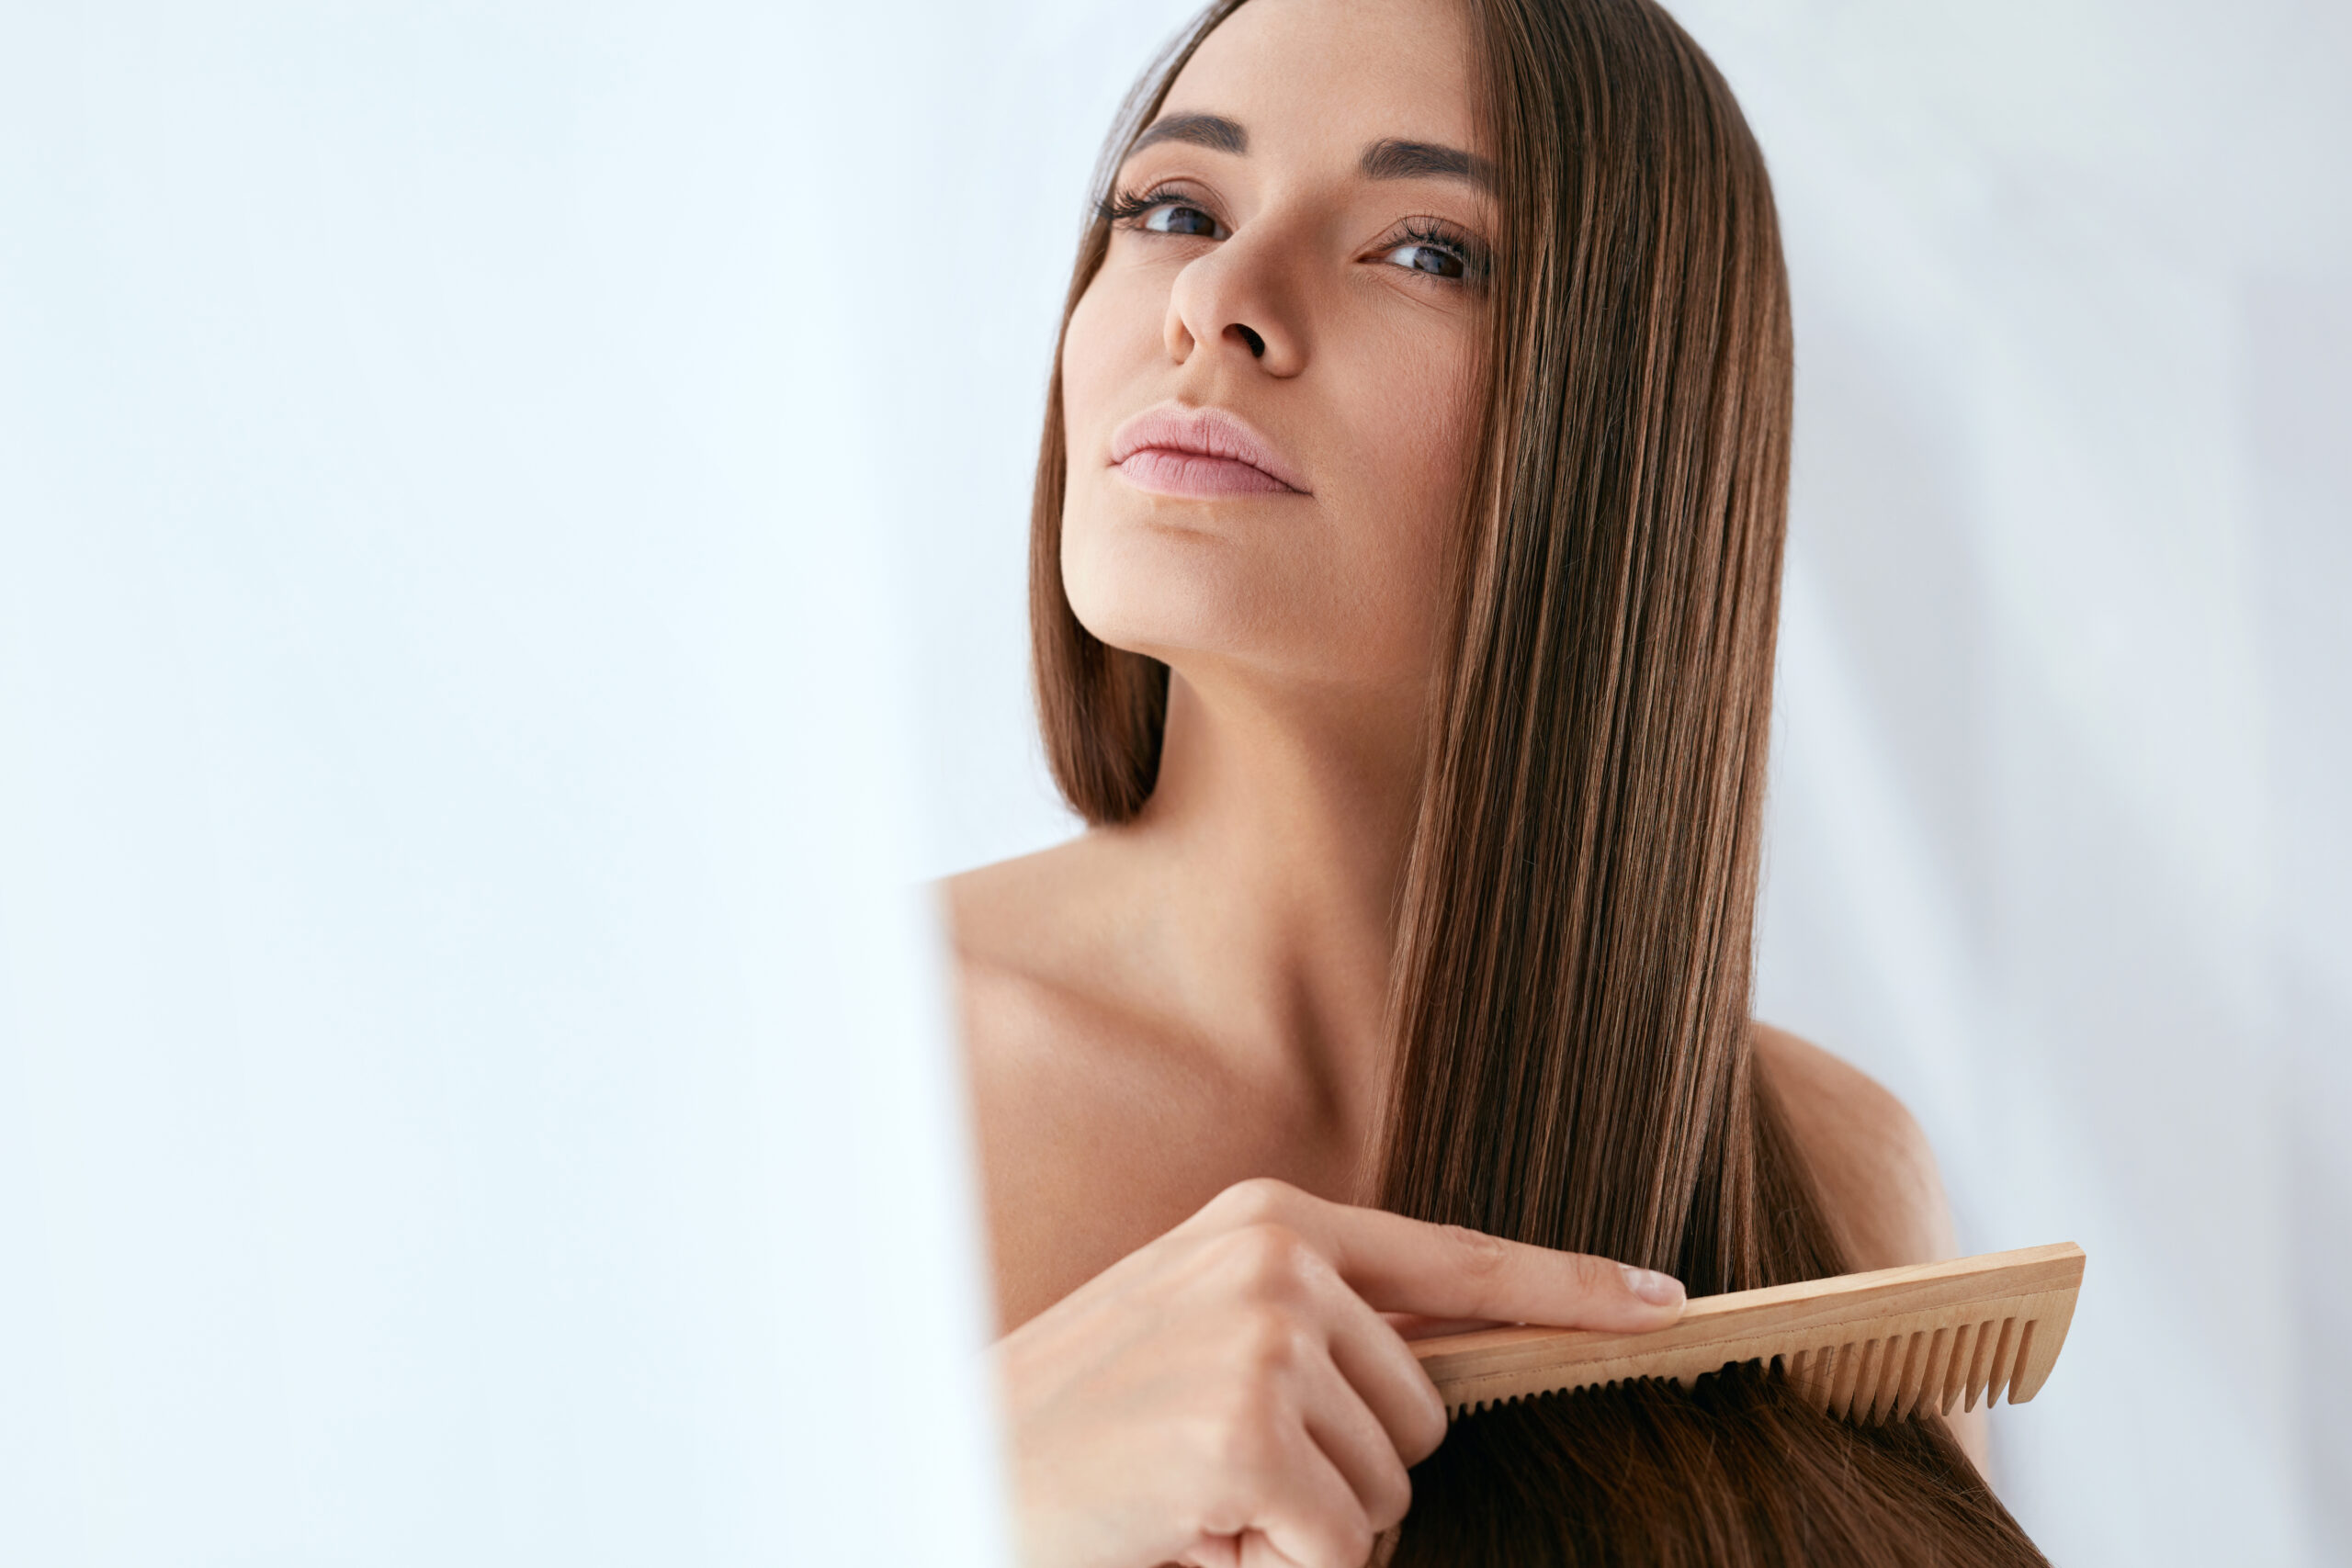 Beauty Hair Care. Beautiful Woman Combing Long Natural Hair